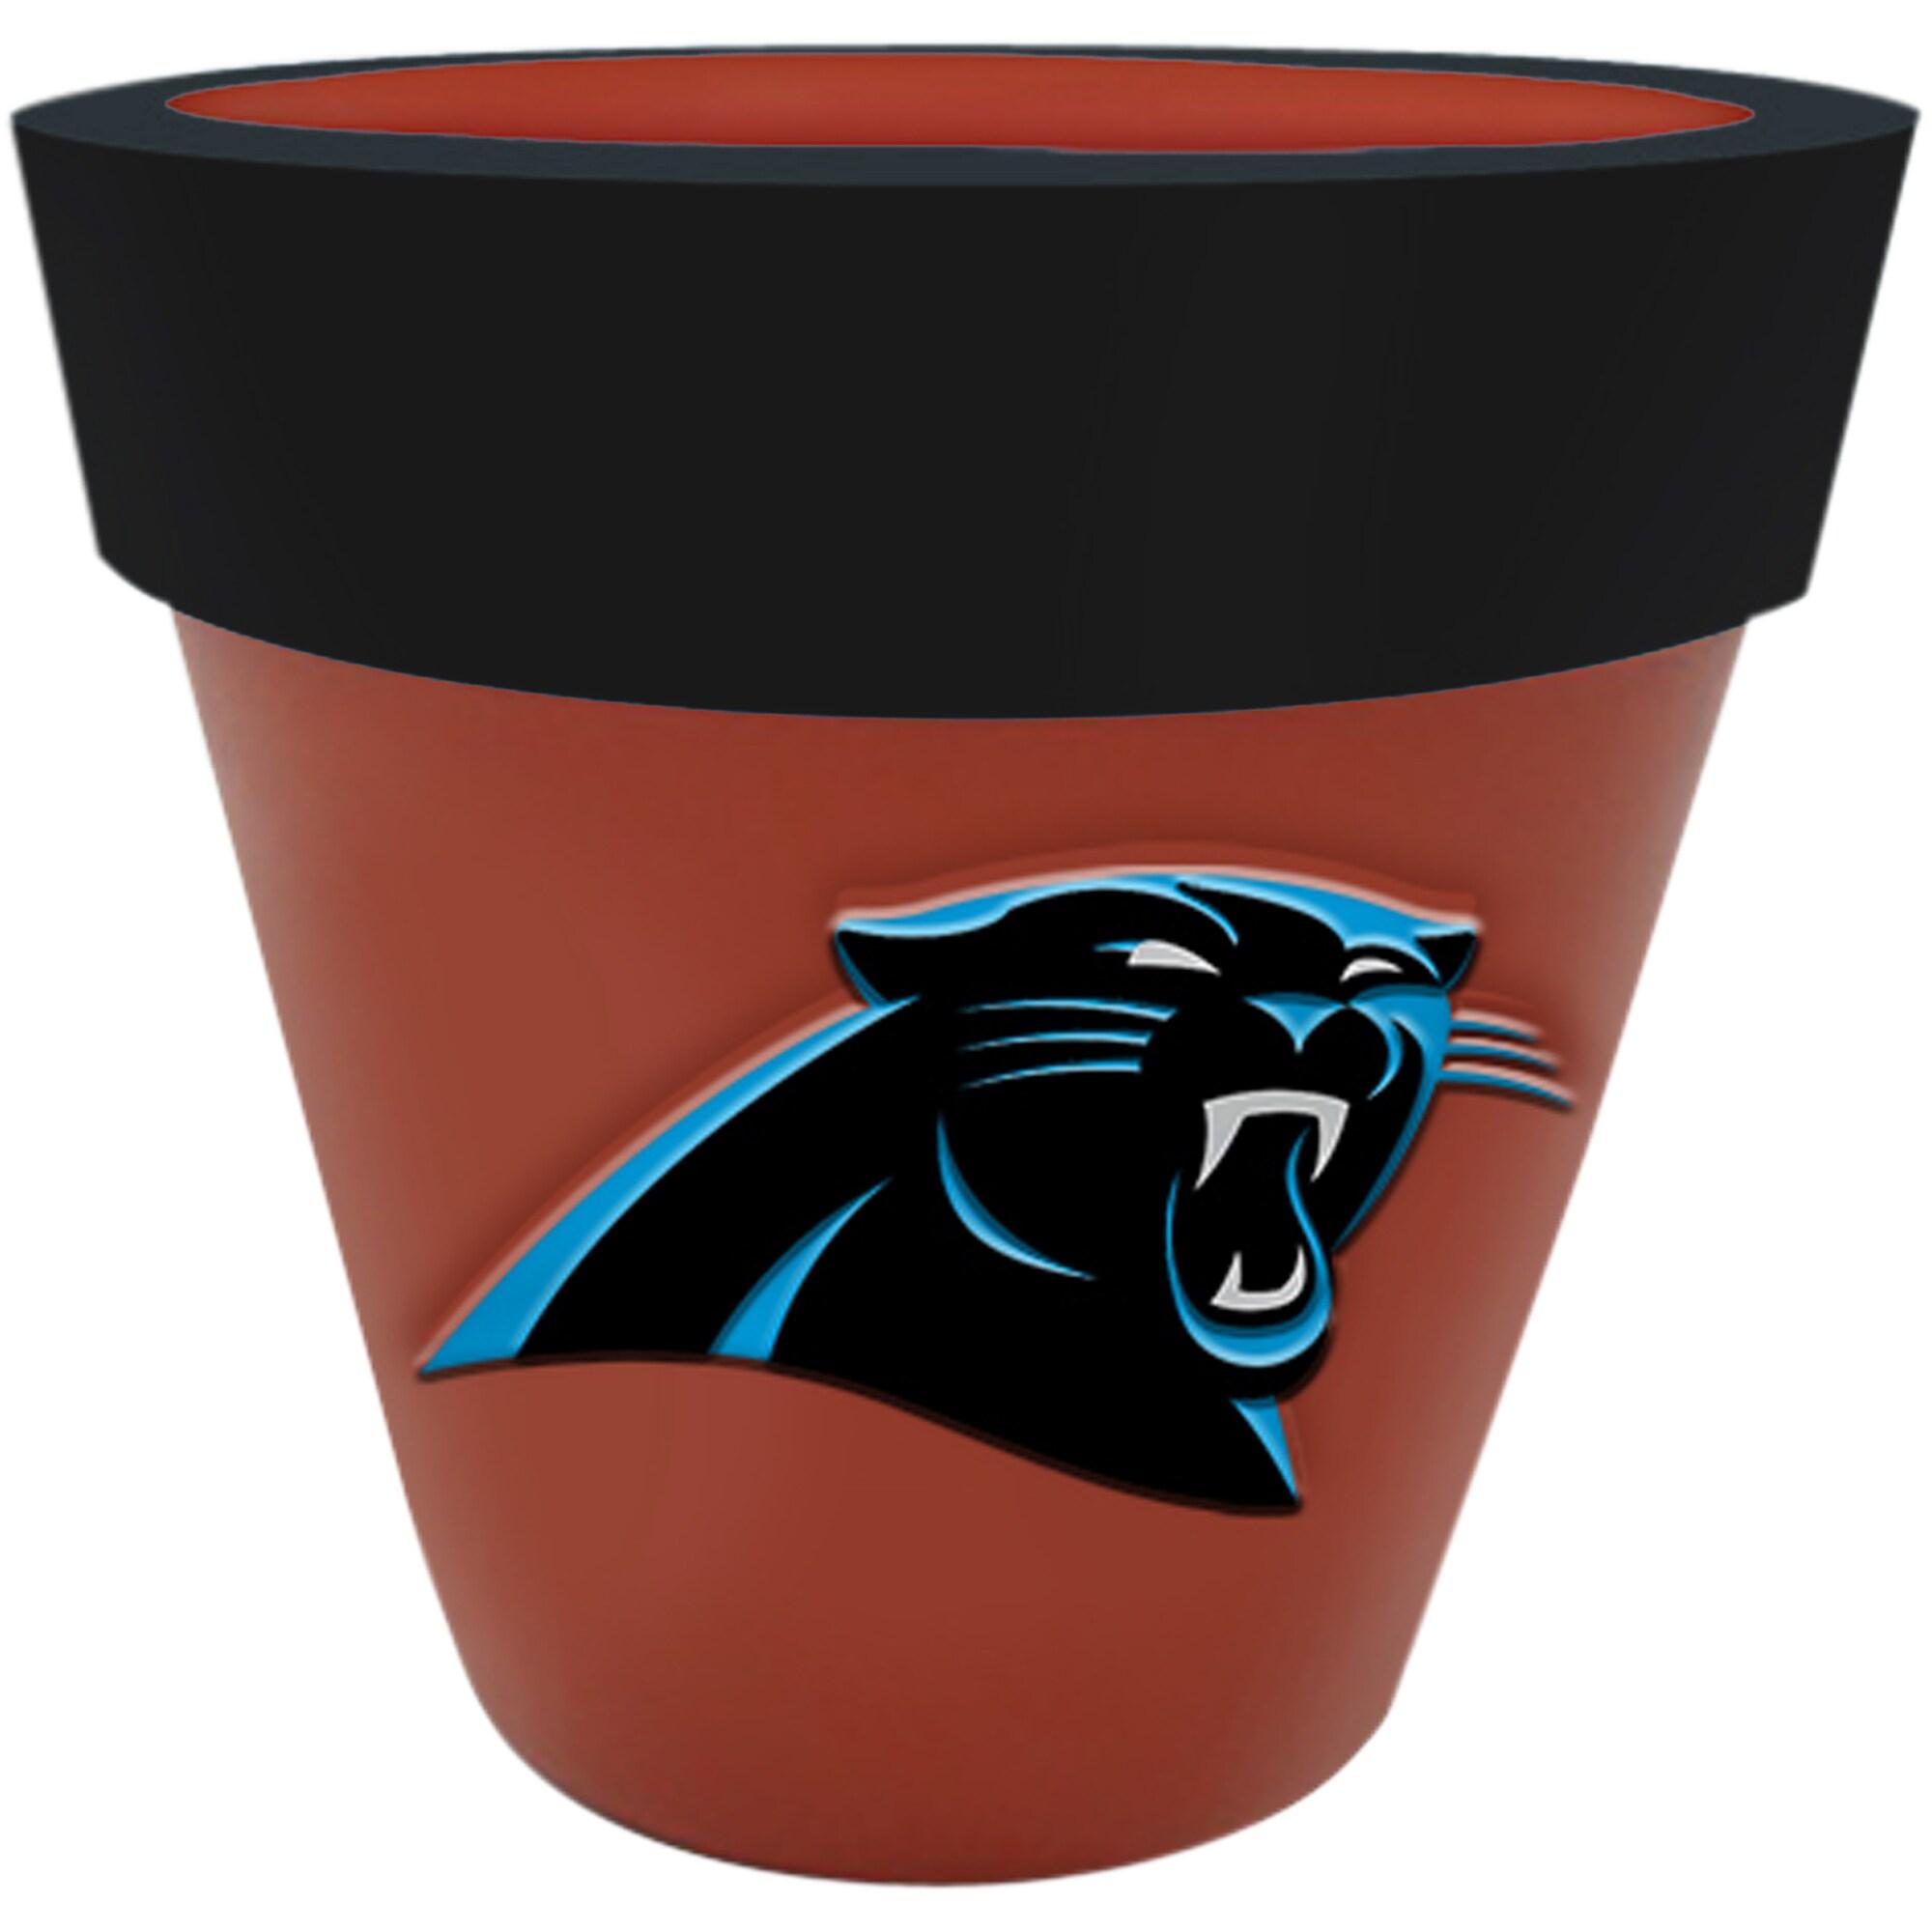 Carolina Panthers Team Planter Flower Pot